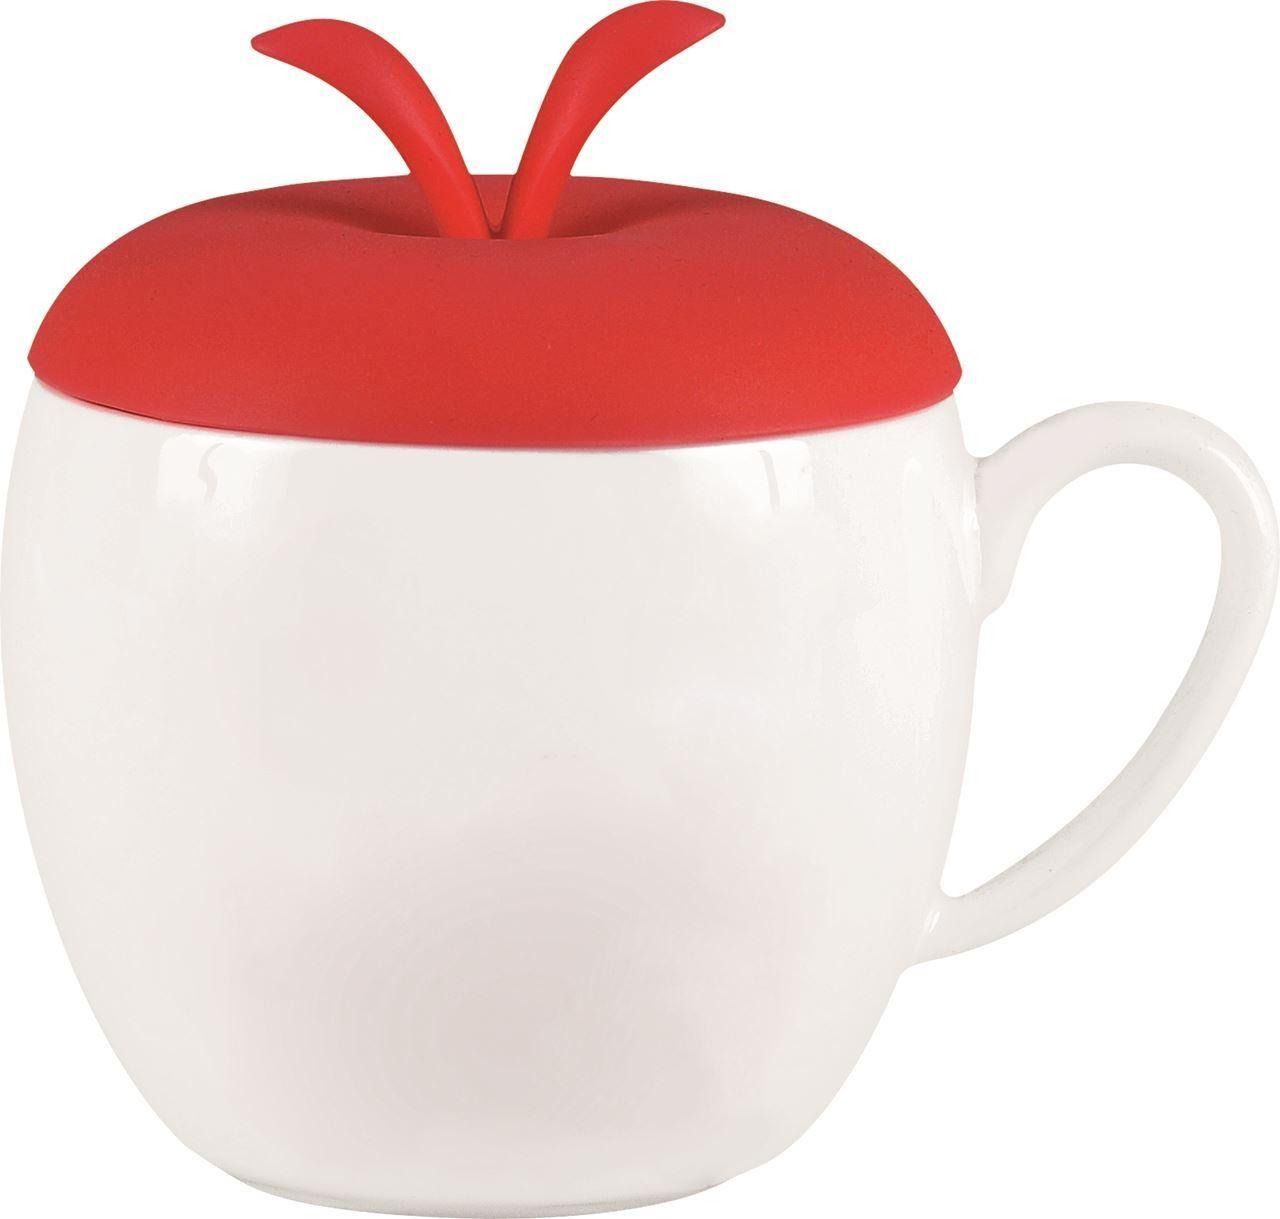 Красная кружка Яблочко